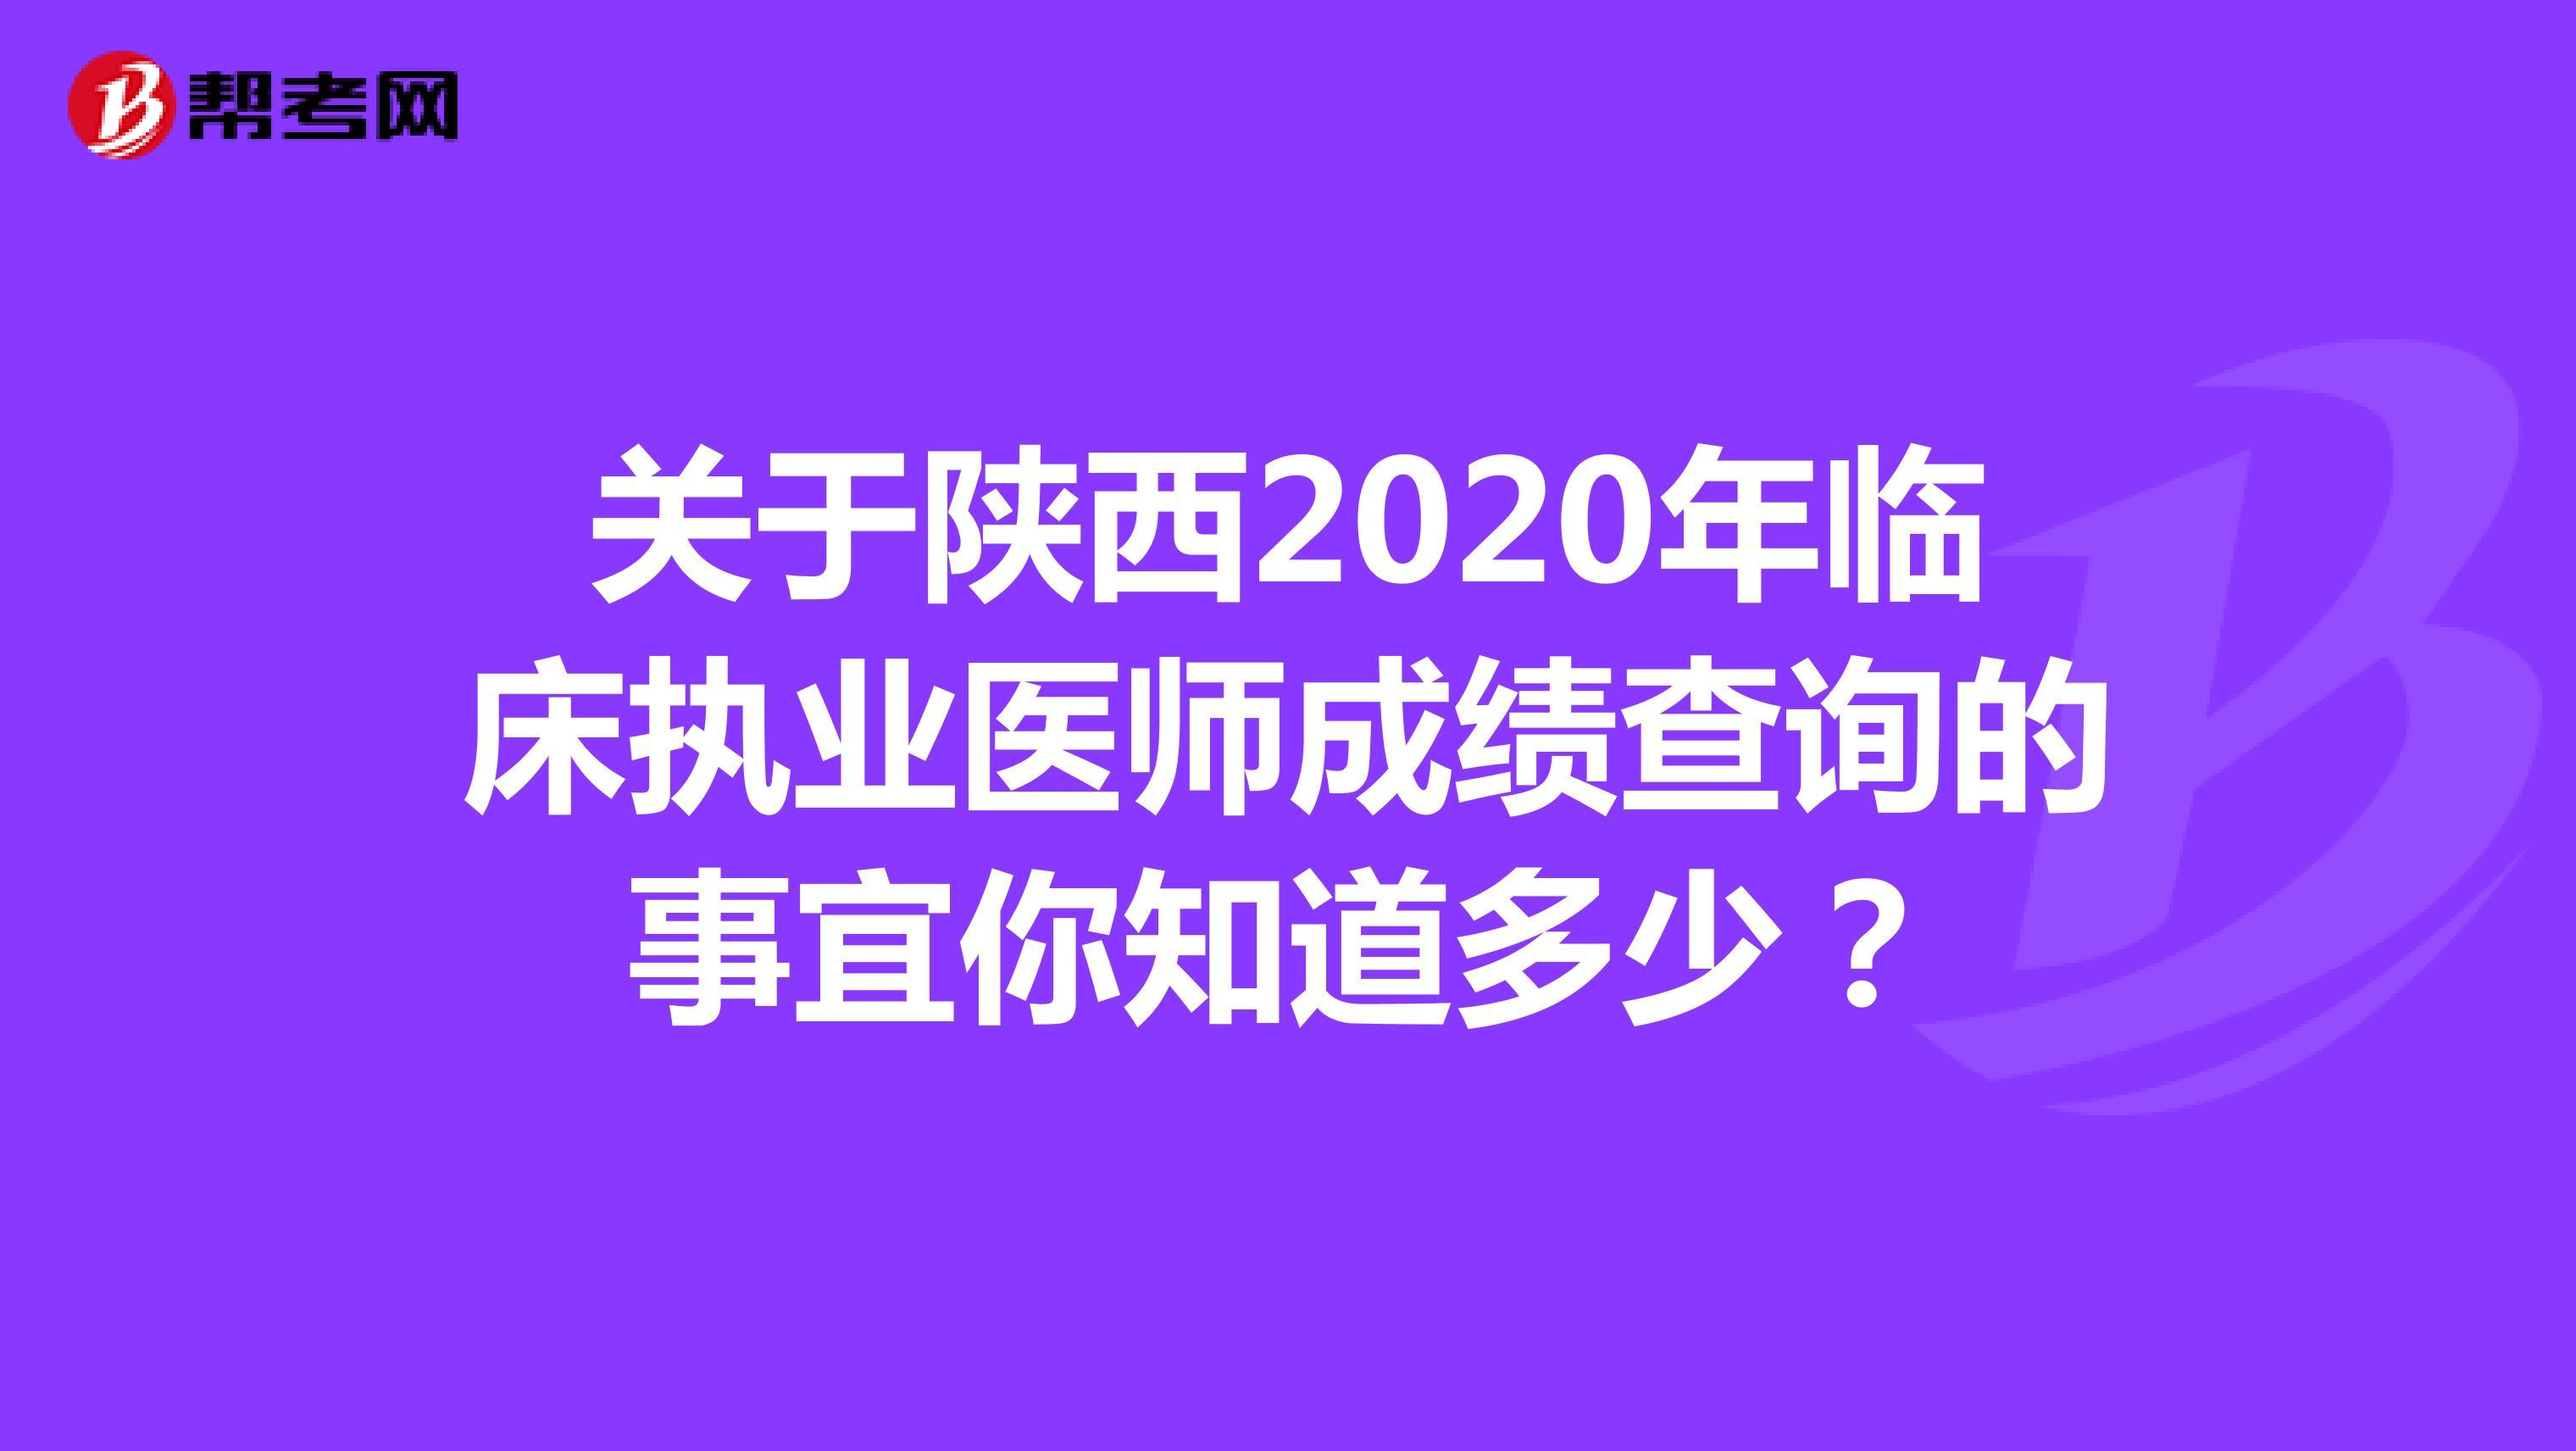 关于陕西2020年临床执业医师成绩查询的事宜你知道多少?